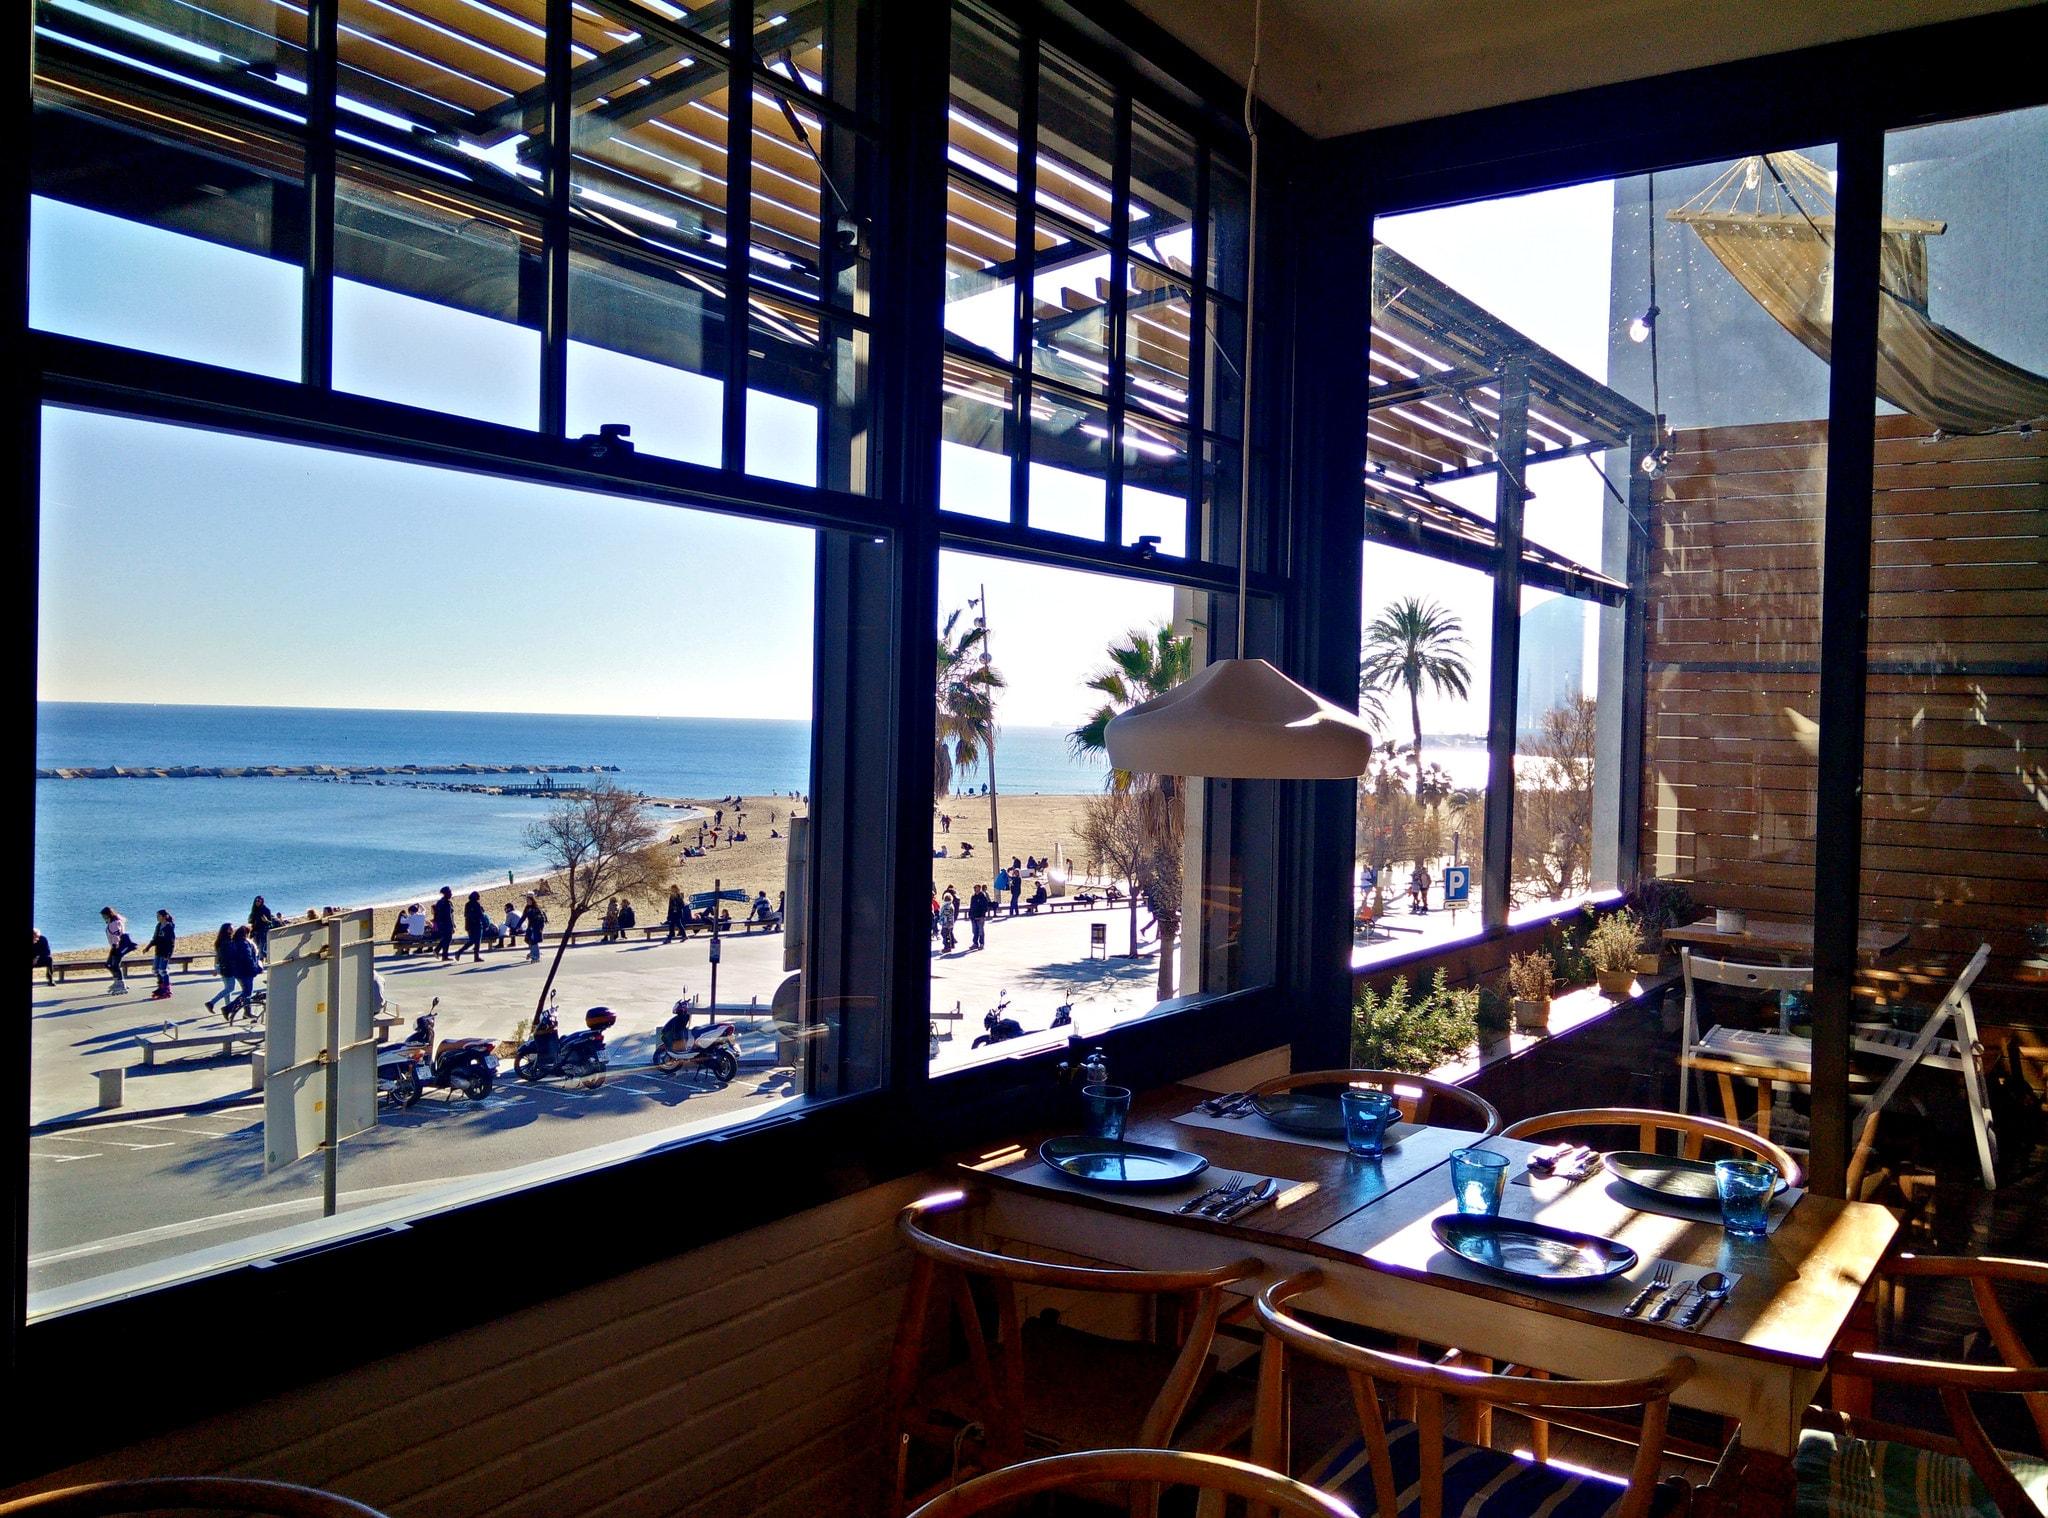 Restaurante Barraca - Coisas para fazer em Barcelona